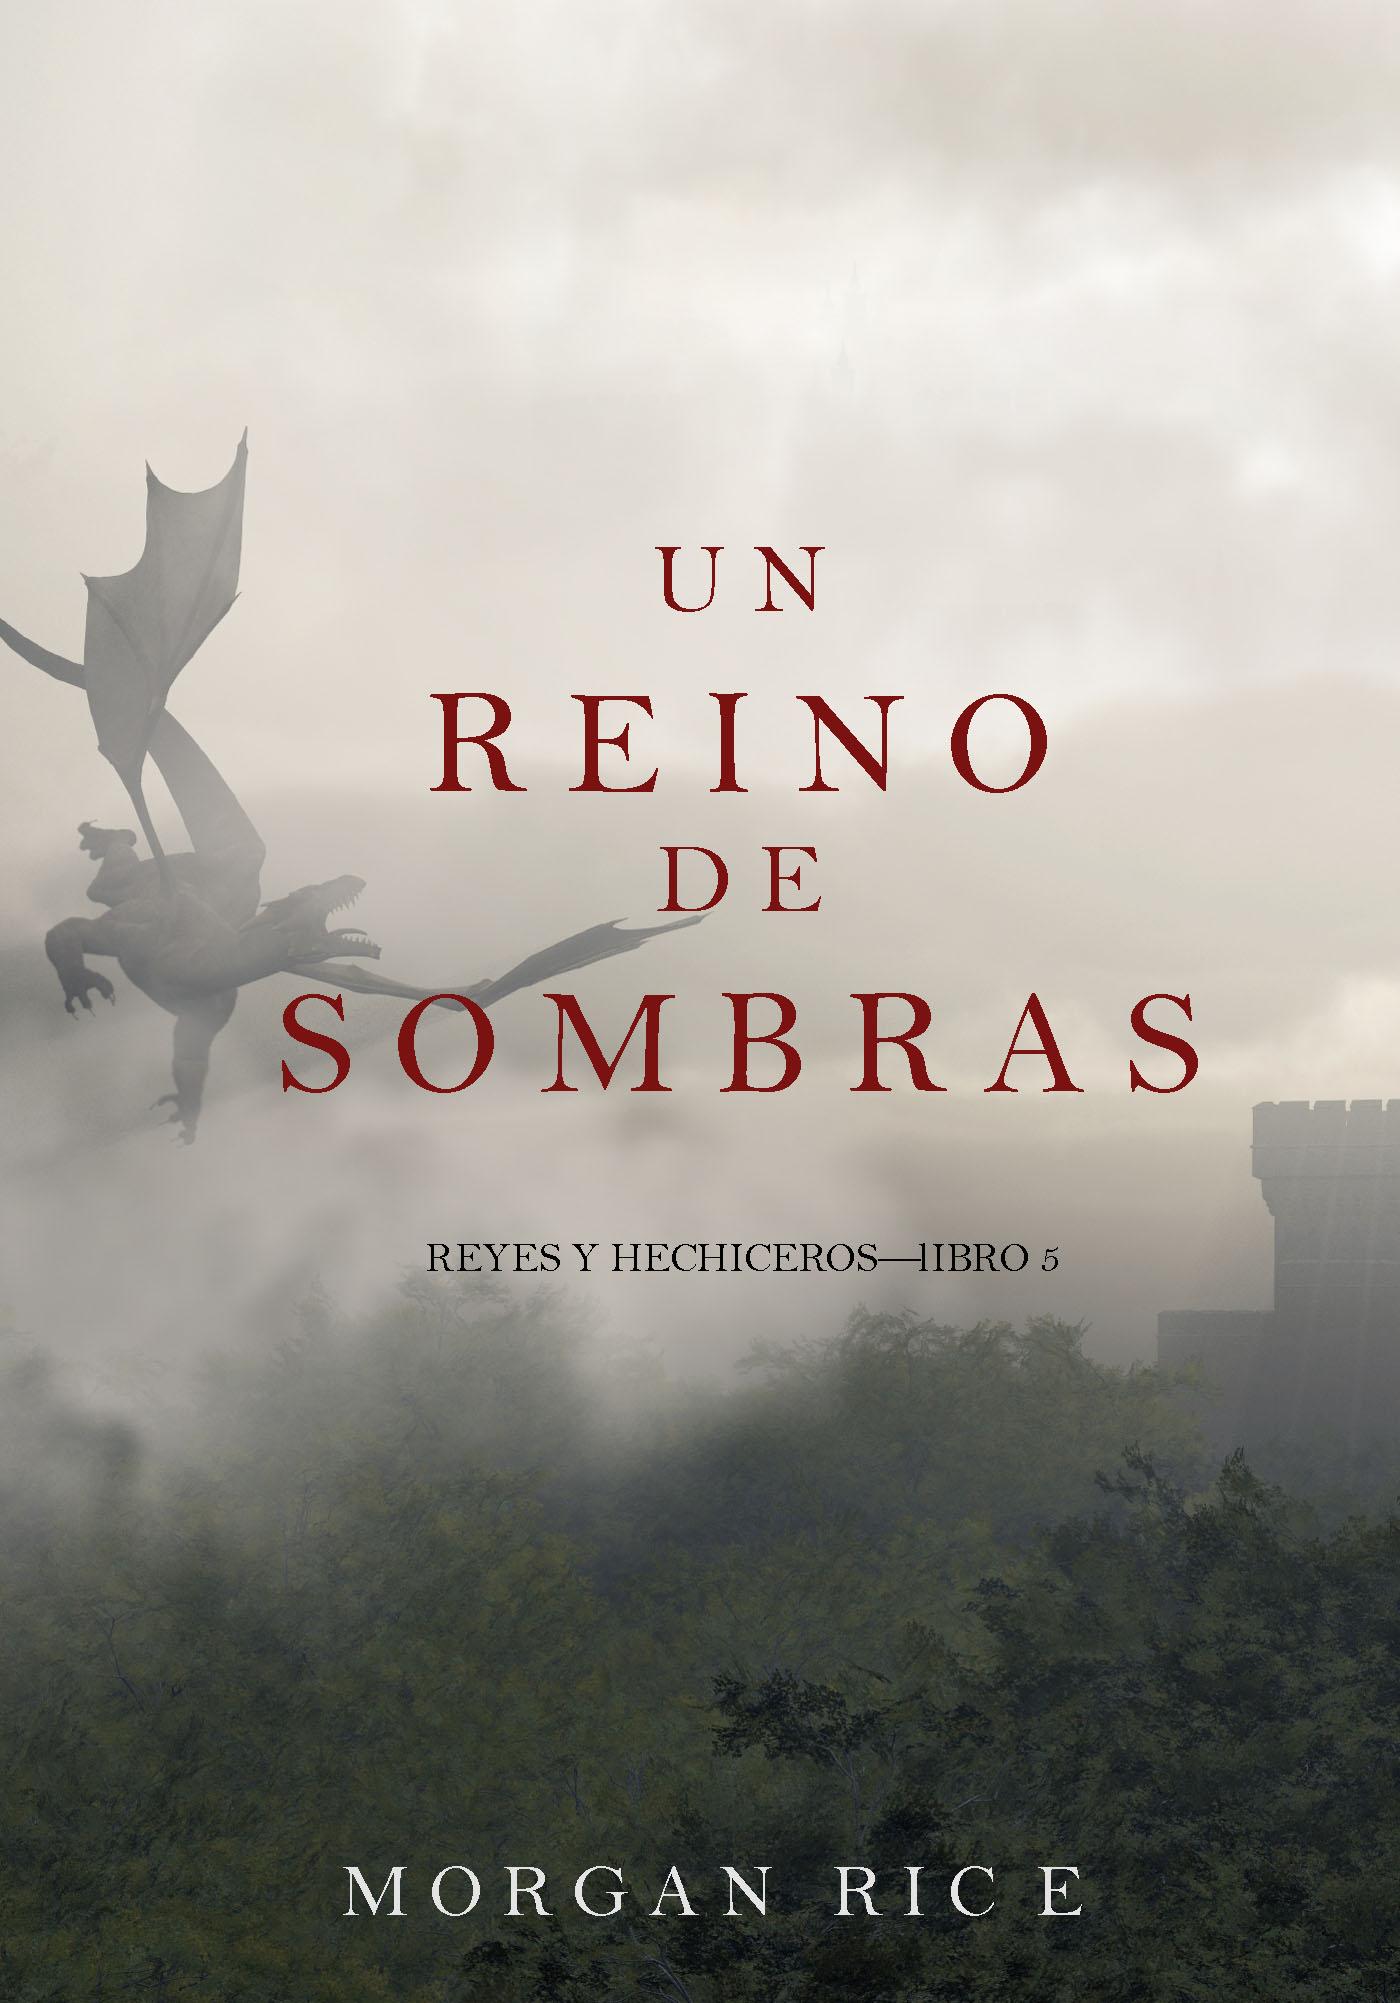 купить Морган Райс Un Reino de Sombras дешево